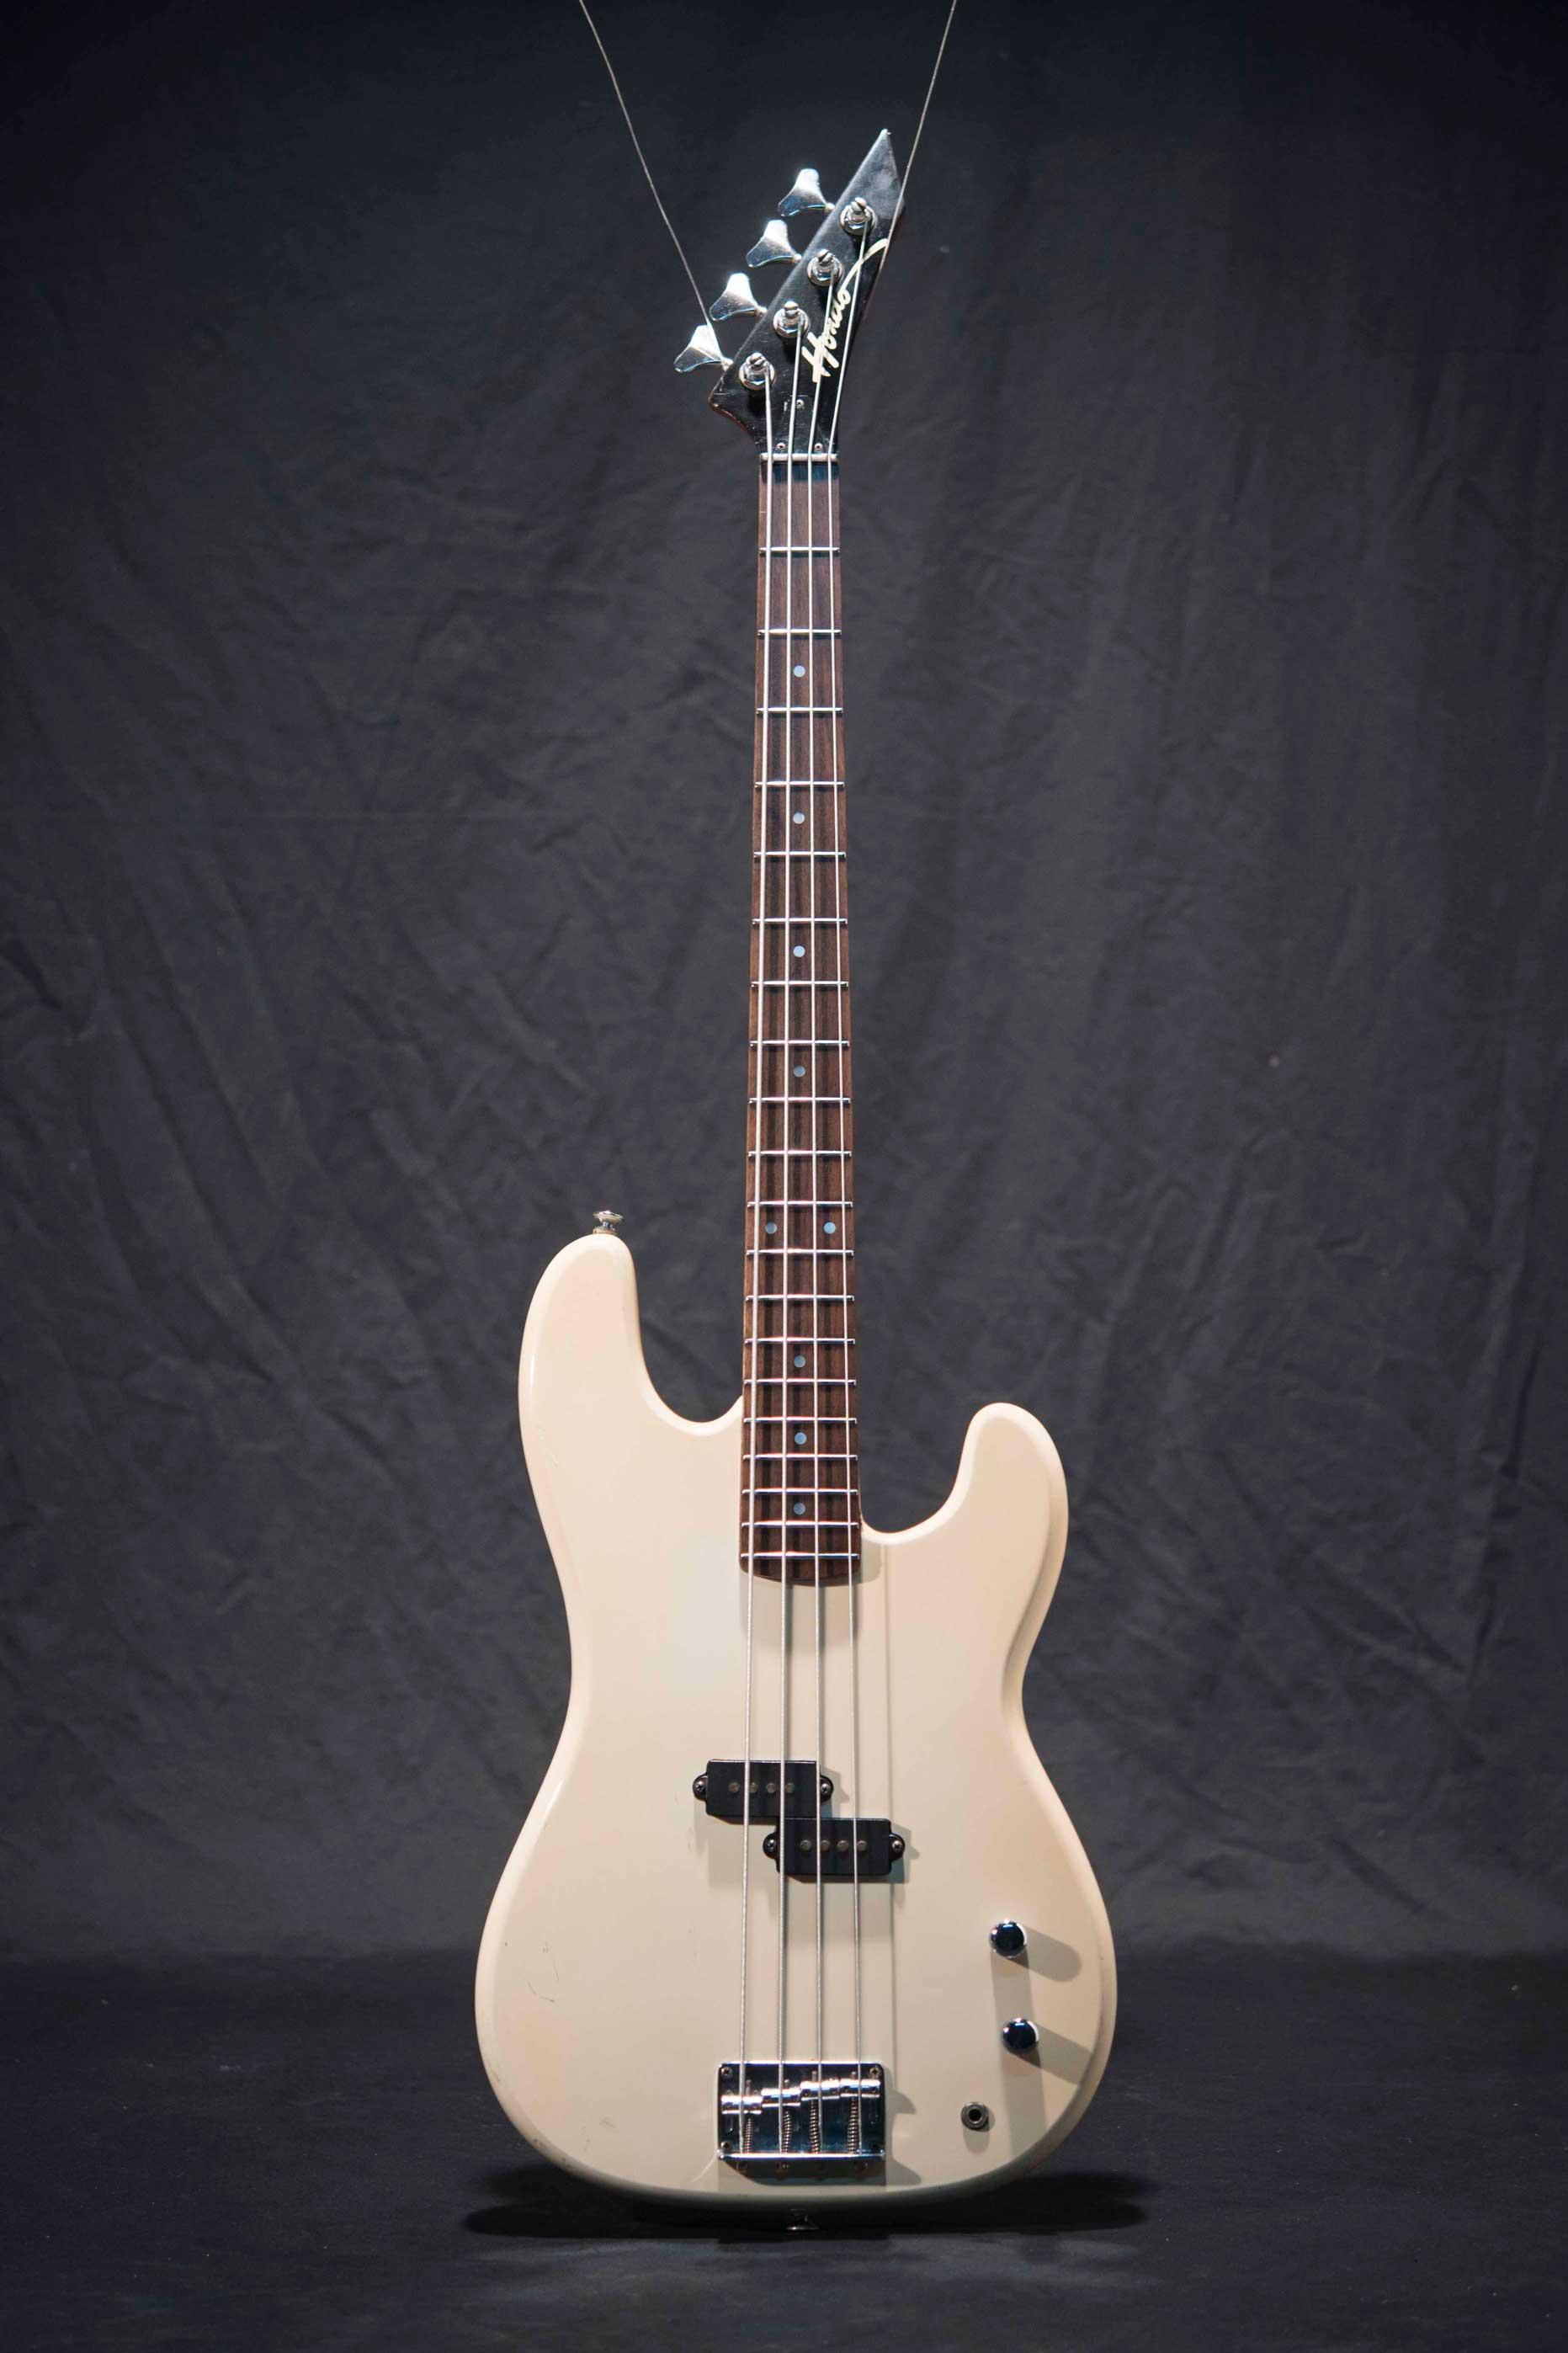 กีต้าร์เบสไฟฟ้ามือสอง Hondo Bass